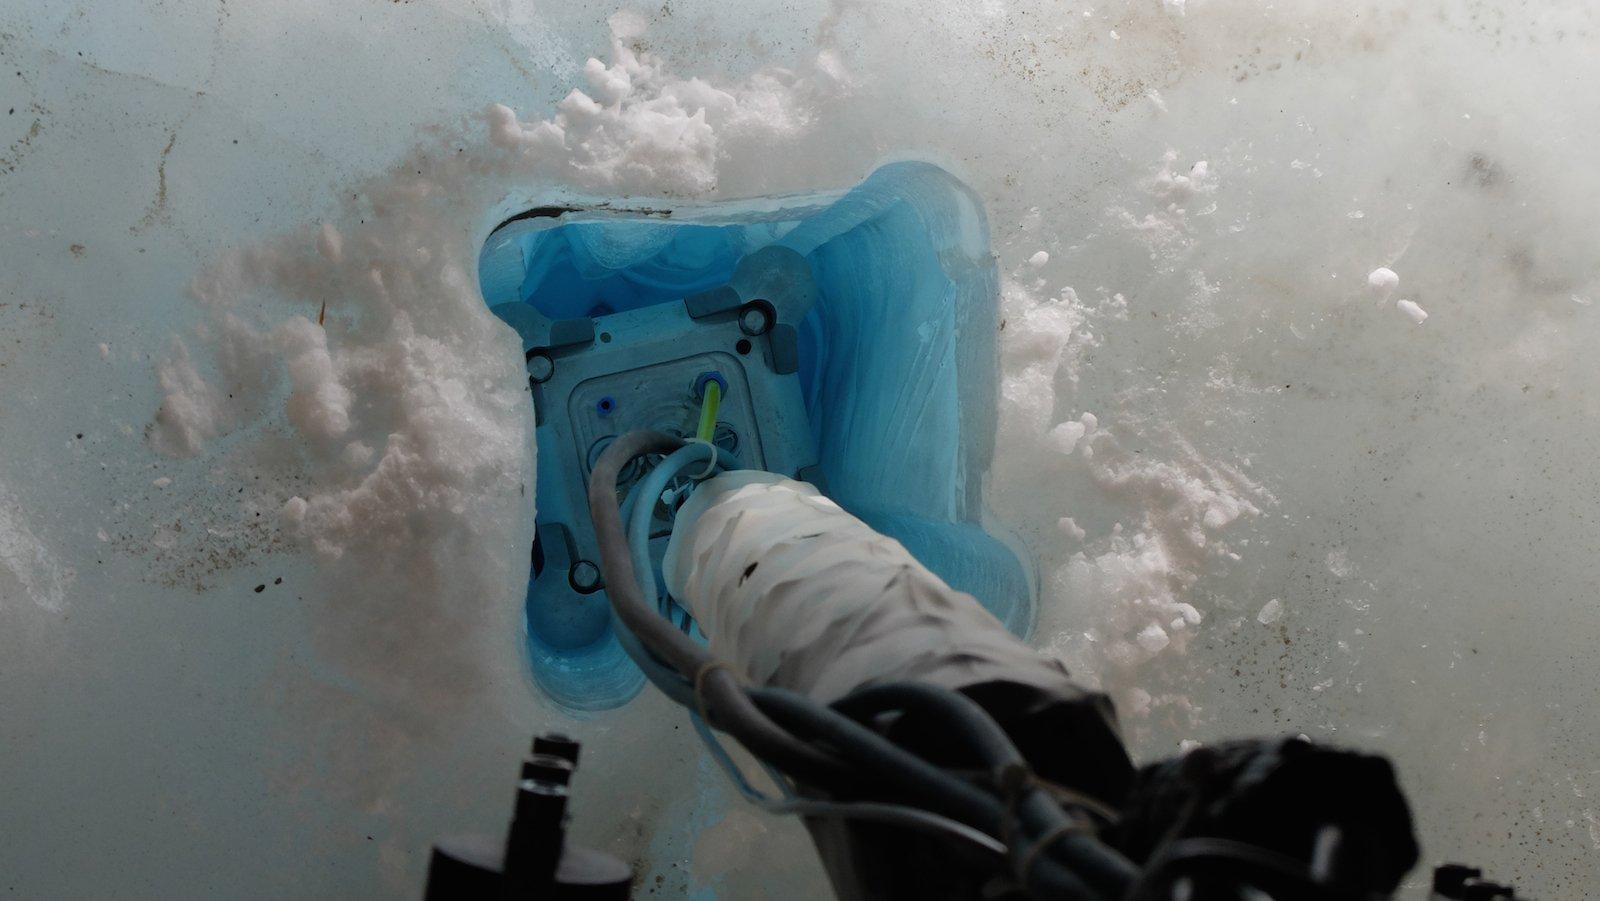 Mit einer Geschwindigkeit von einem Meter pro Stunde in einem Winkel von 65 Grad schmilzt sich der Eis-Maulwurf langsam in Richtung Ziel: 16 Meter tief in eine Gletscherspalte im Taylor-Gletscher, die das sogenannte Brine vom subglazialem See bis zu ihrem Auslass in den Bonney-See transportiert.